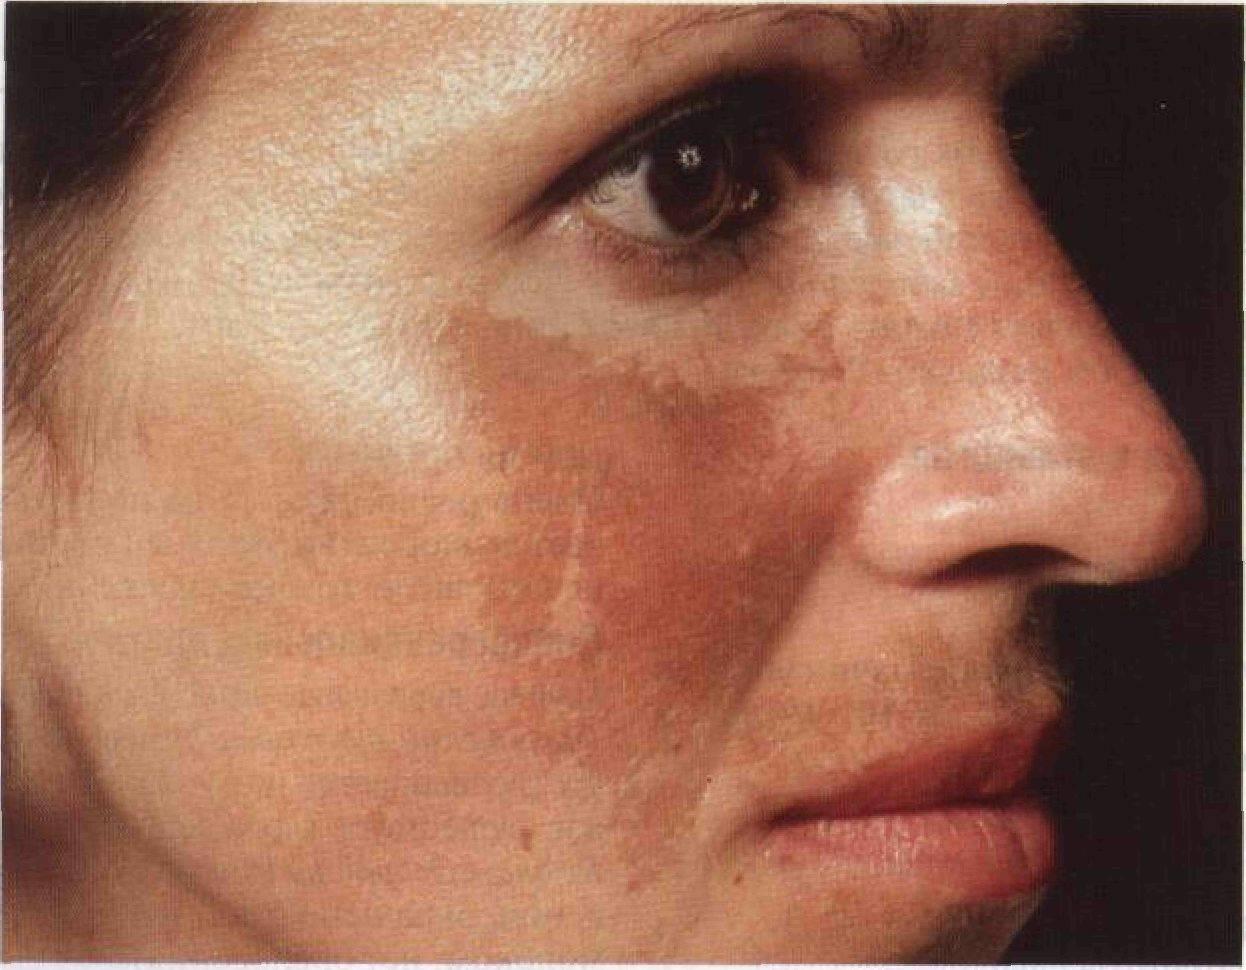 Белое пятно на коже у ребенка: фото на лице, причины и лечение возможных заболеваний | симптомы | vpolozhenii.com